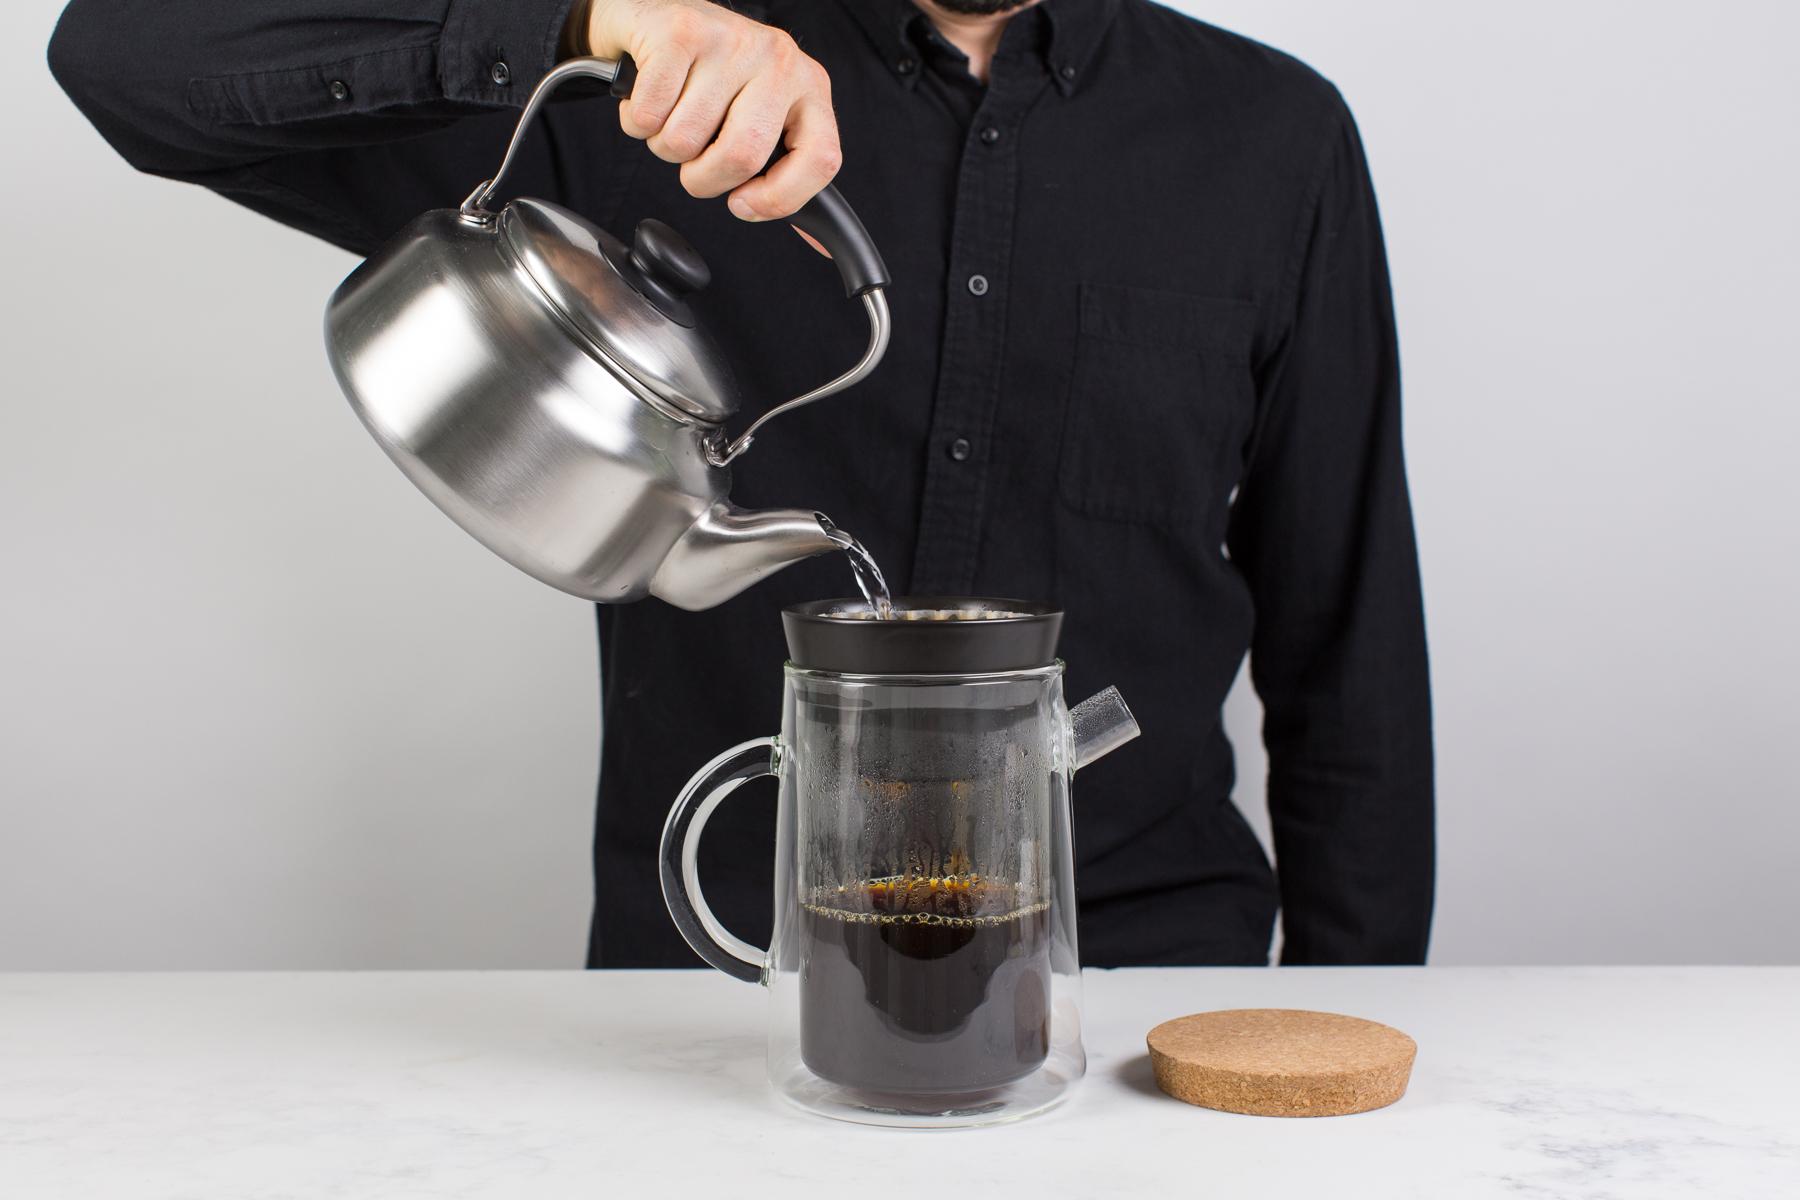 CoffeemakerNo3_Use1.jpg